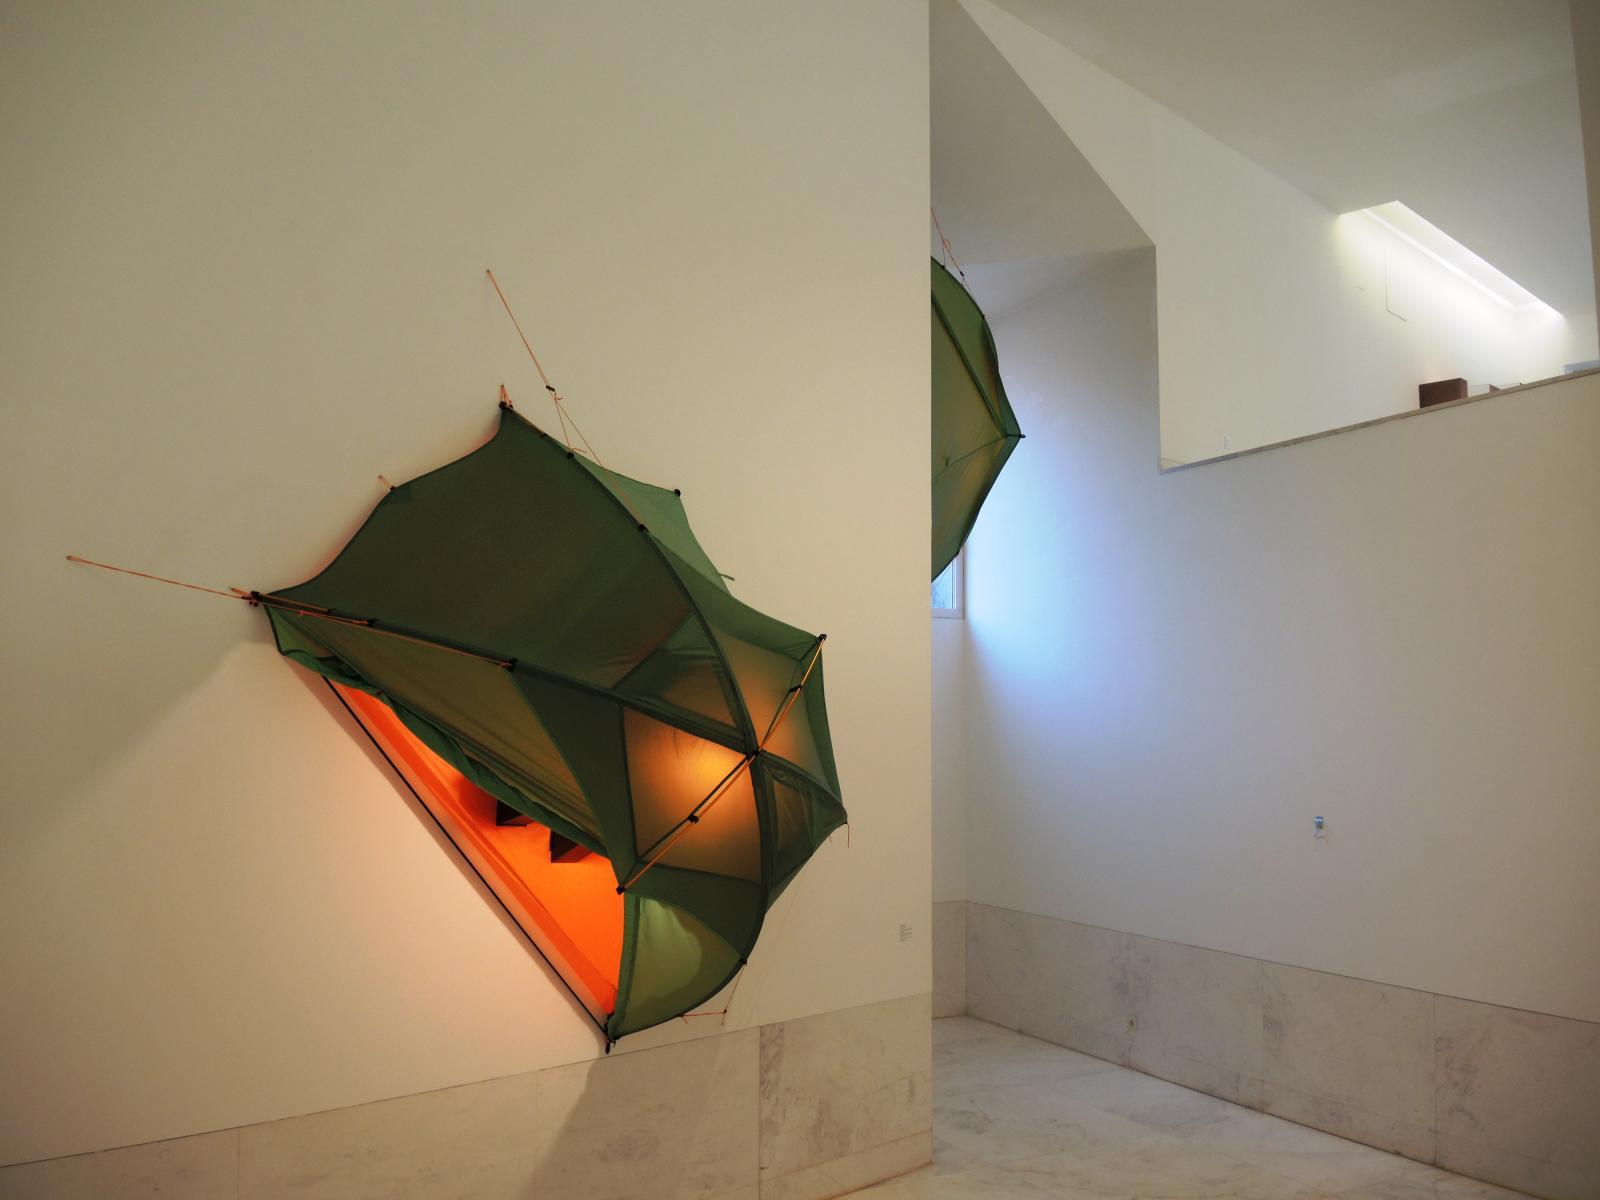 MONT VENTOUX de Christian Villamide. Centro Galego de Arte Contemporánea. CGAC (2019) - Christian Villamide